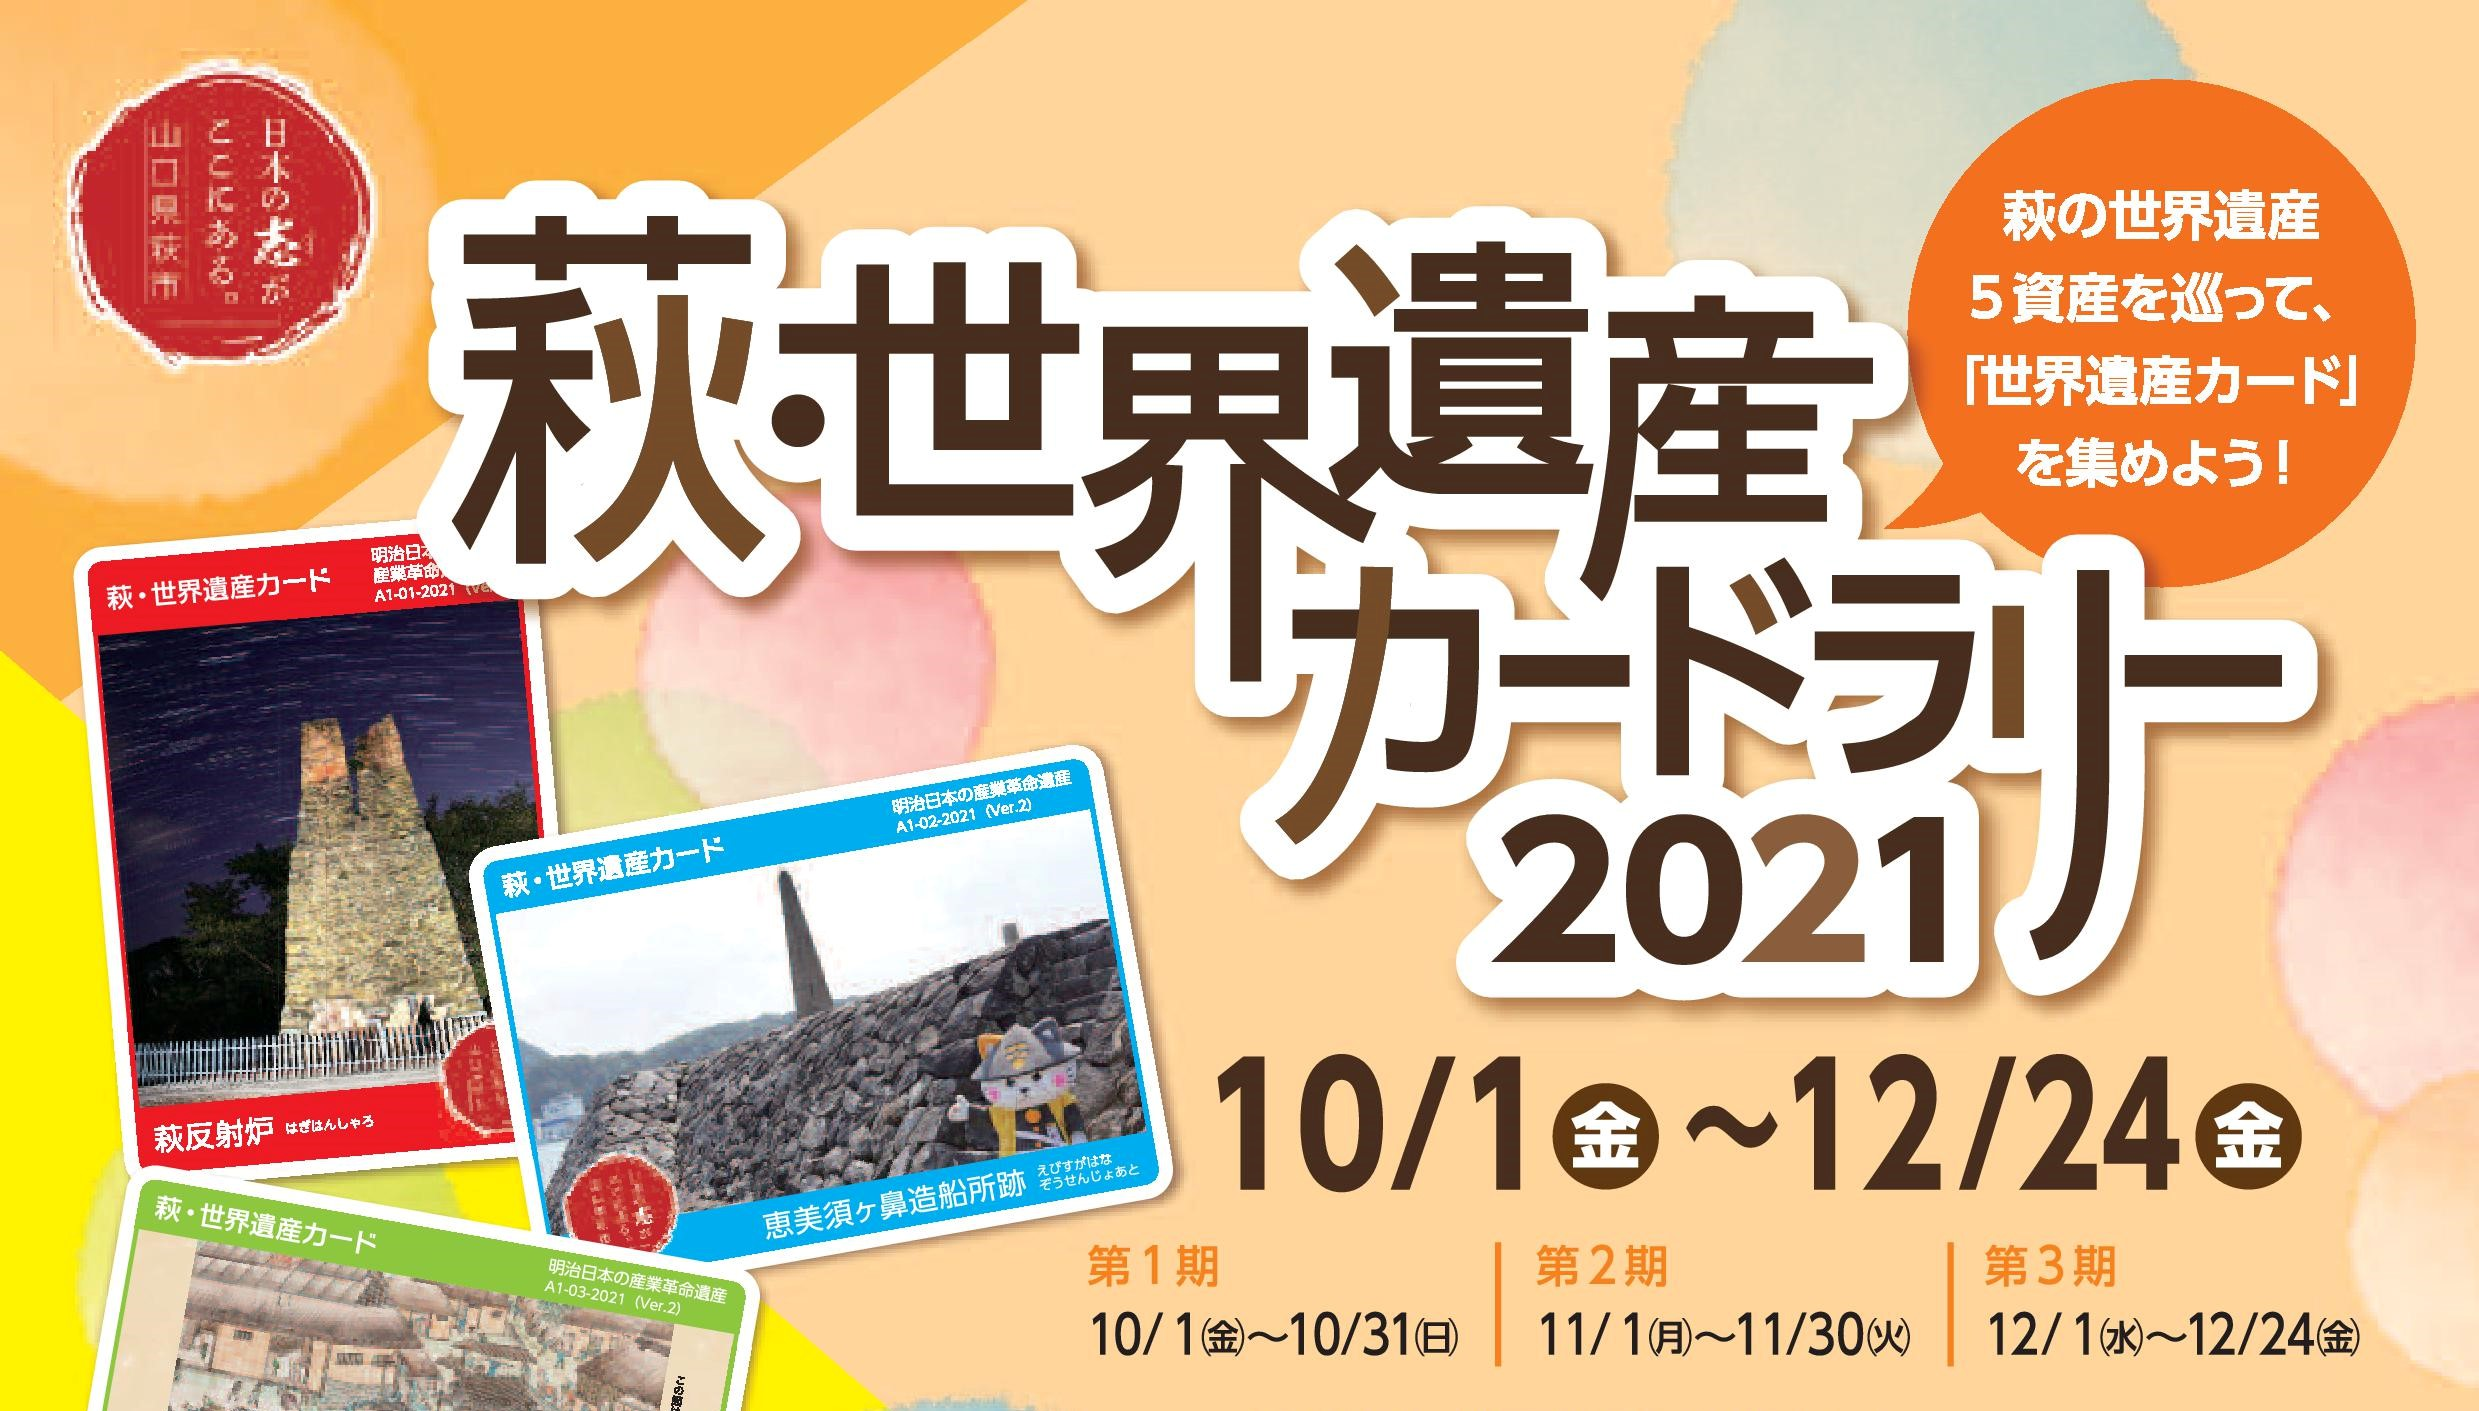 画像:「萩・世界遺産カードラリー2021」 開催!